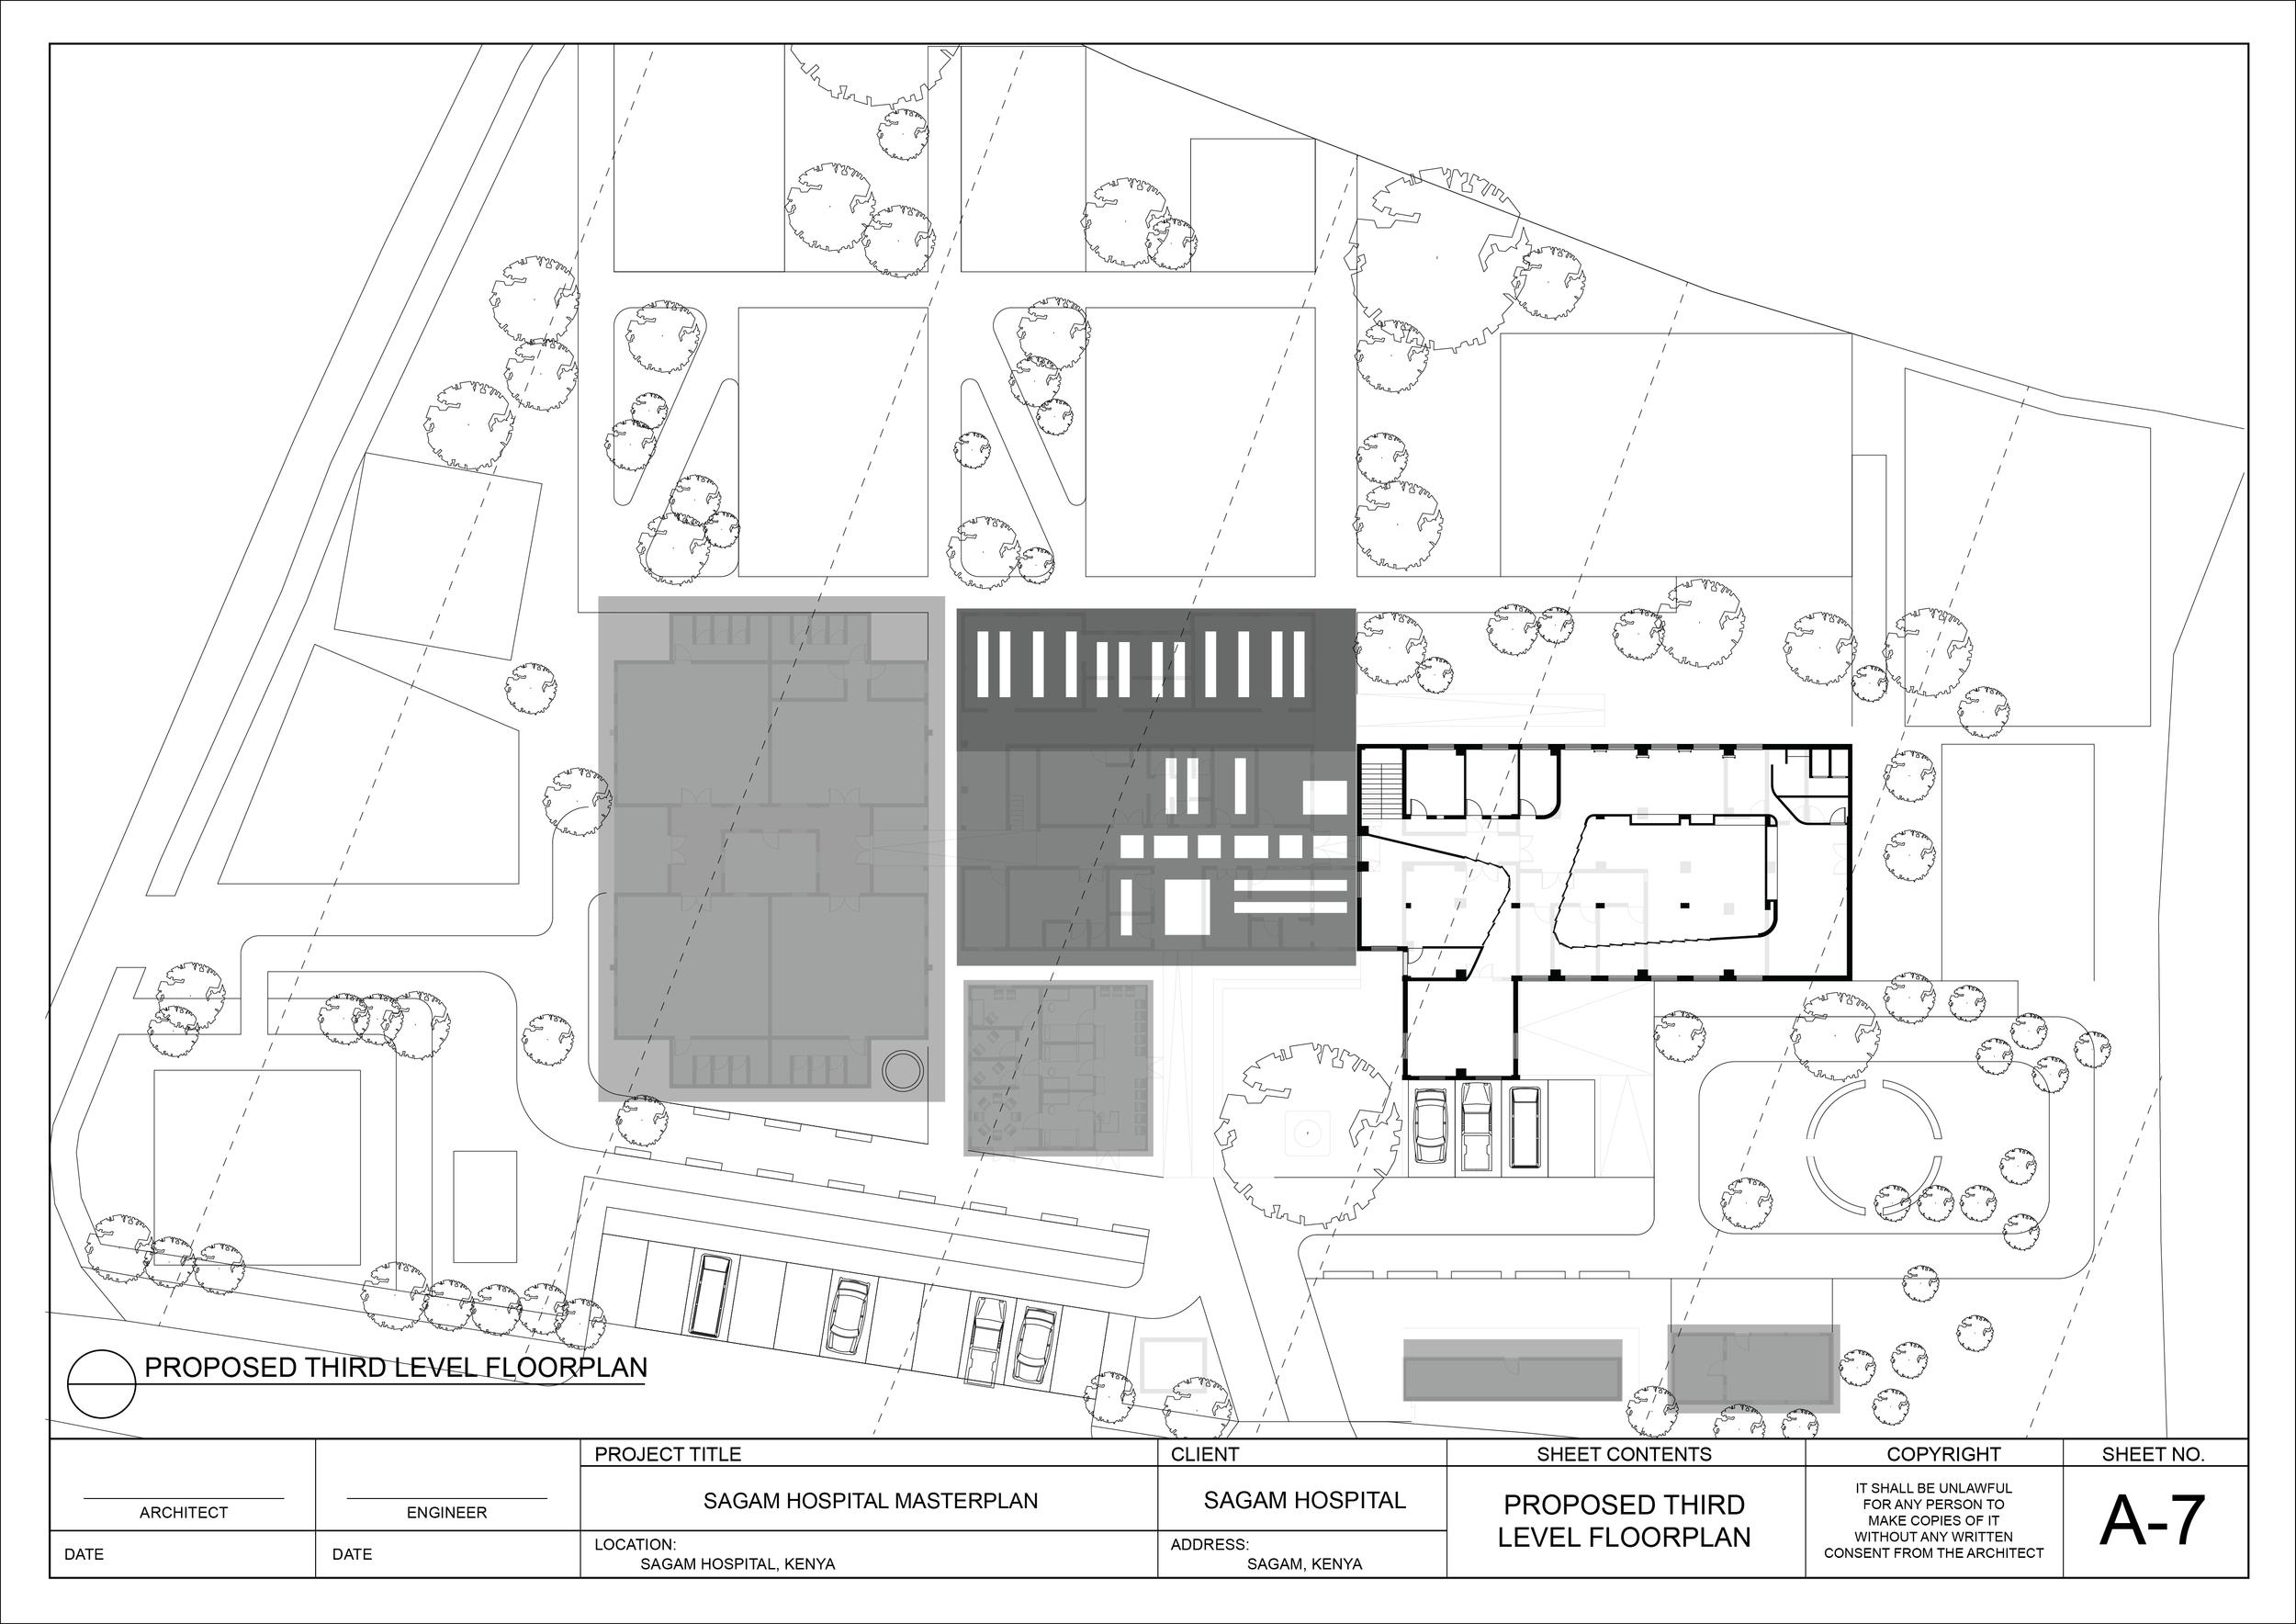 150810_WorkingDrawings_A-Masterplan-07.jpg